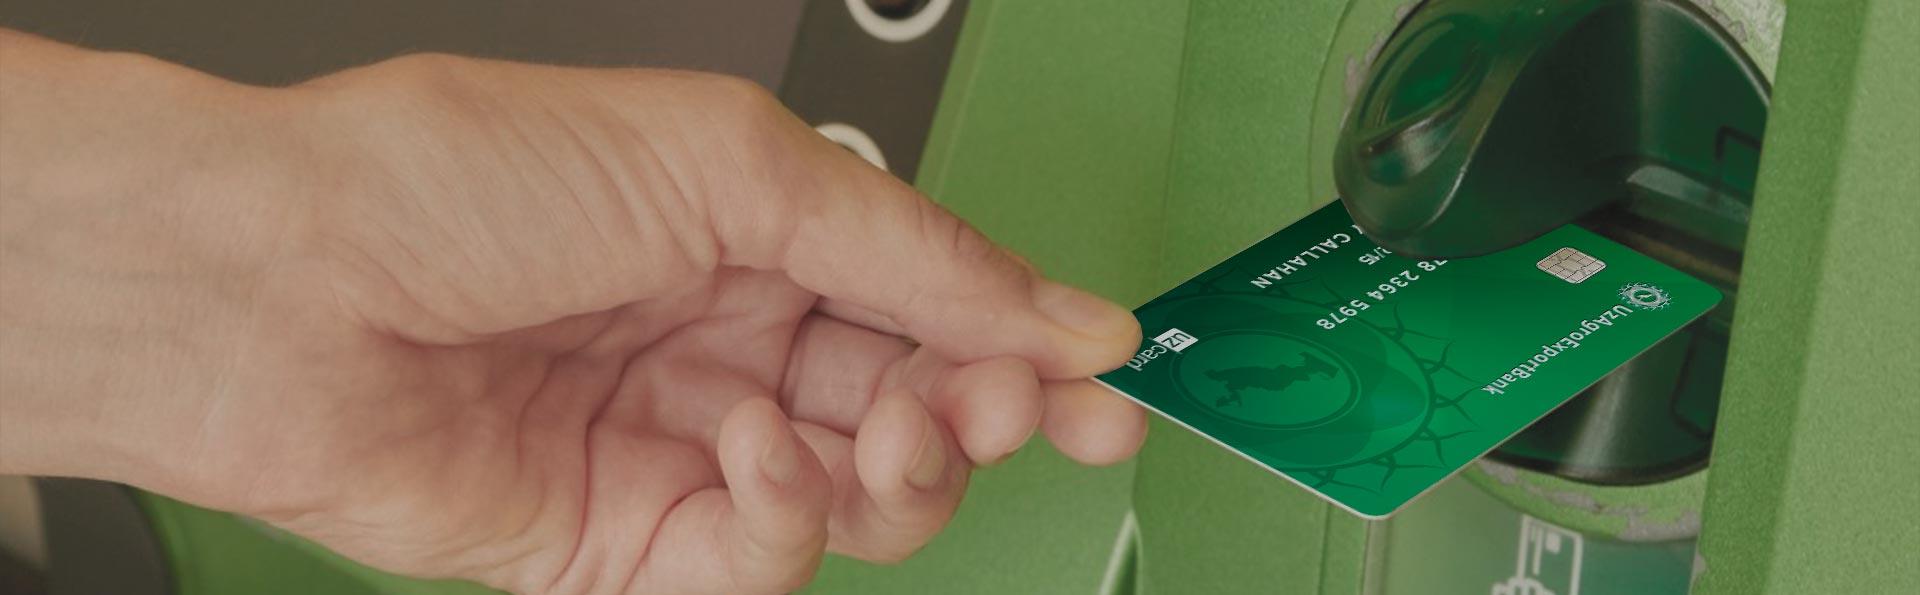 Филиалы и банкоматы